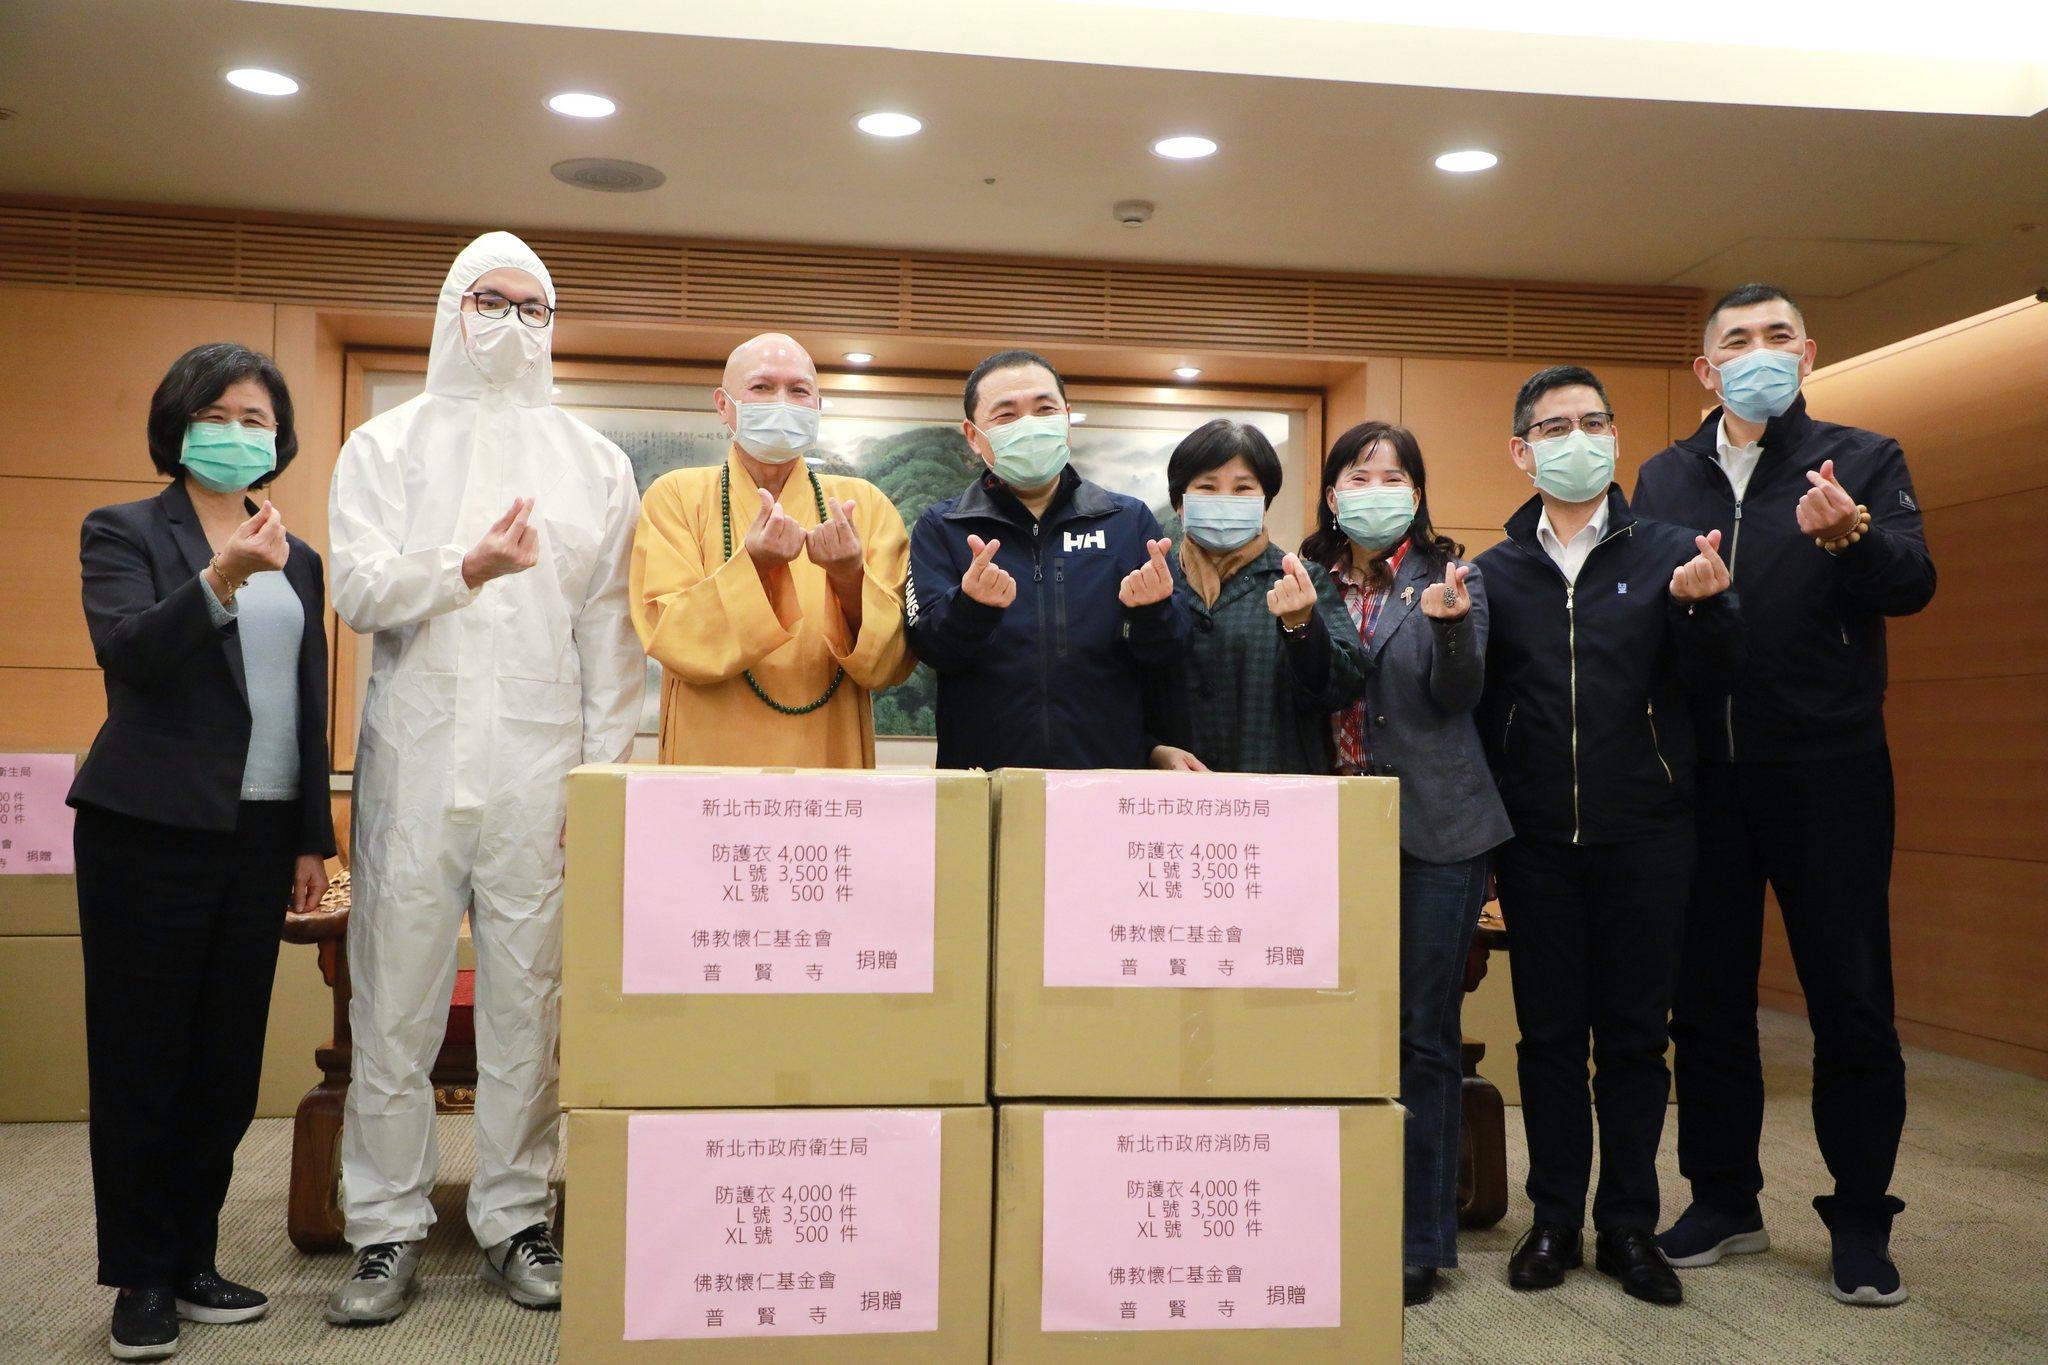 三峽普賢寺捐贈8千件全身式防護衣儀式